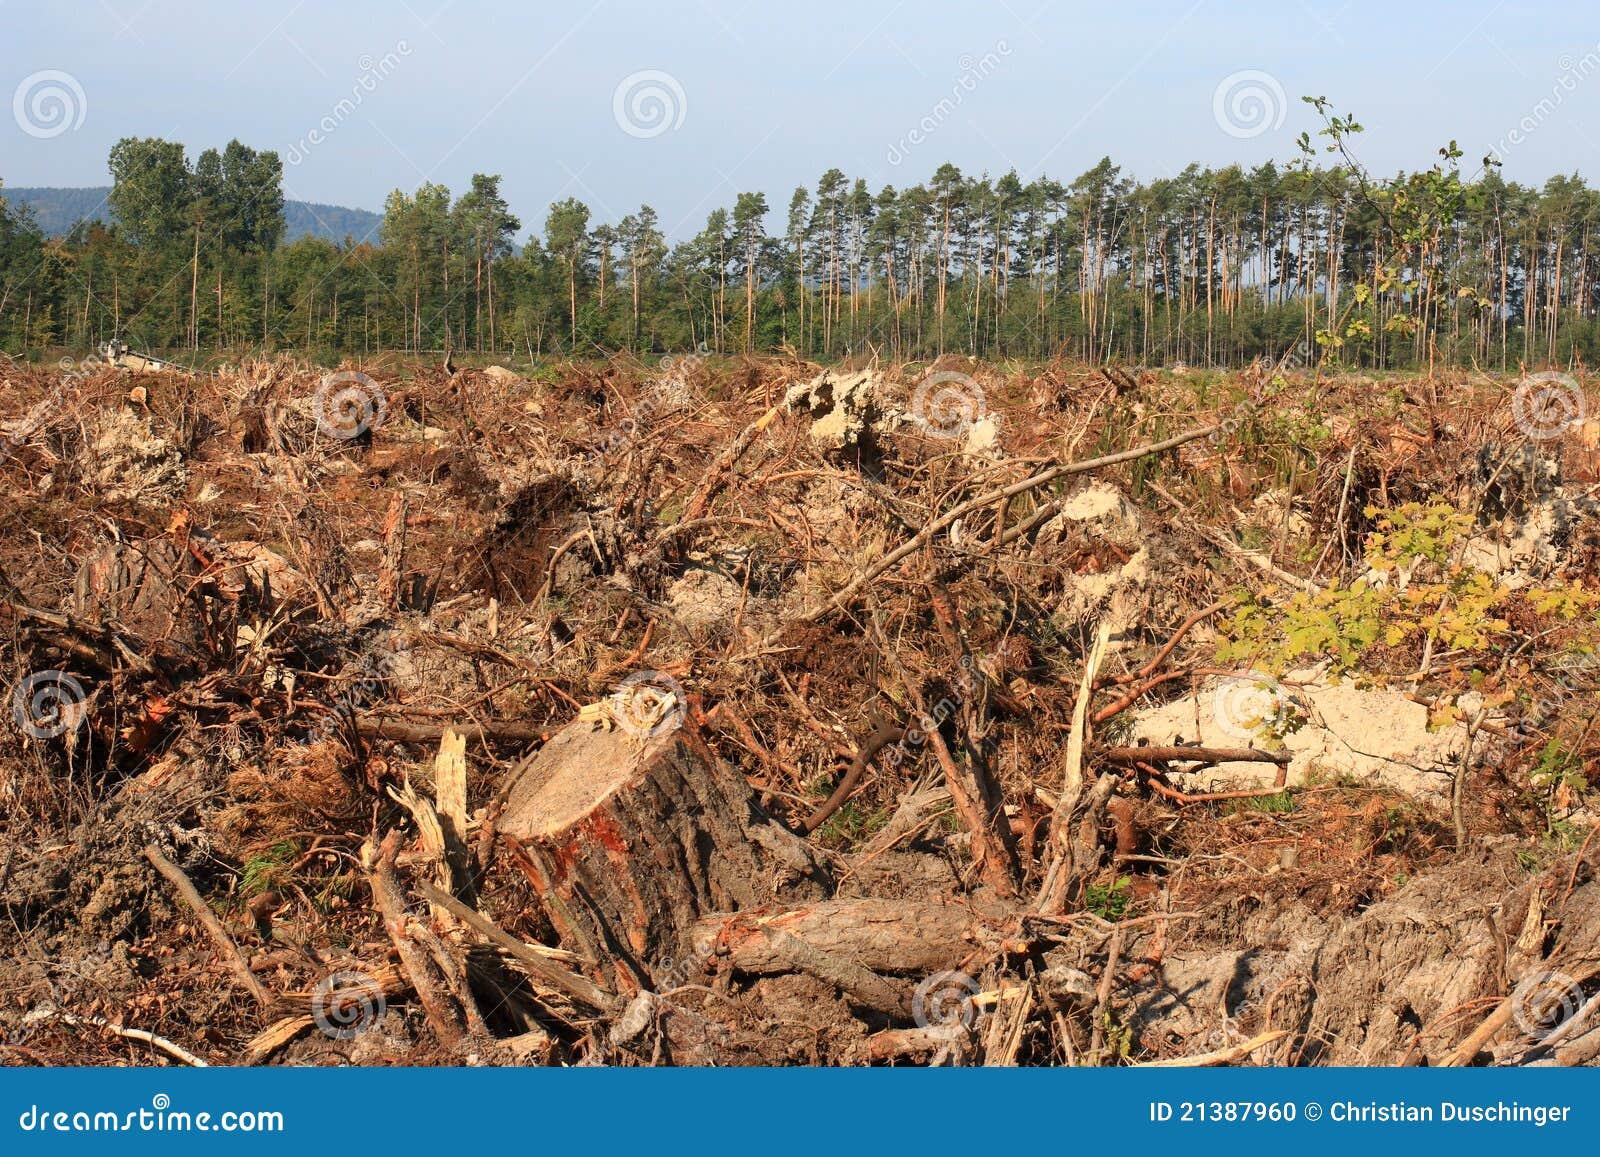 обезлесение